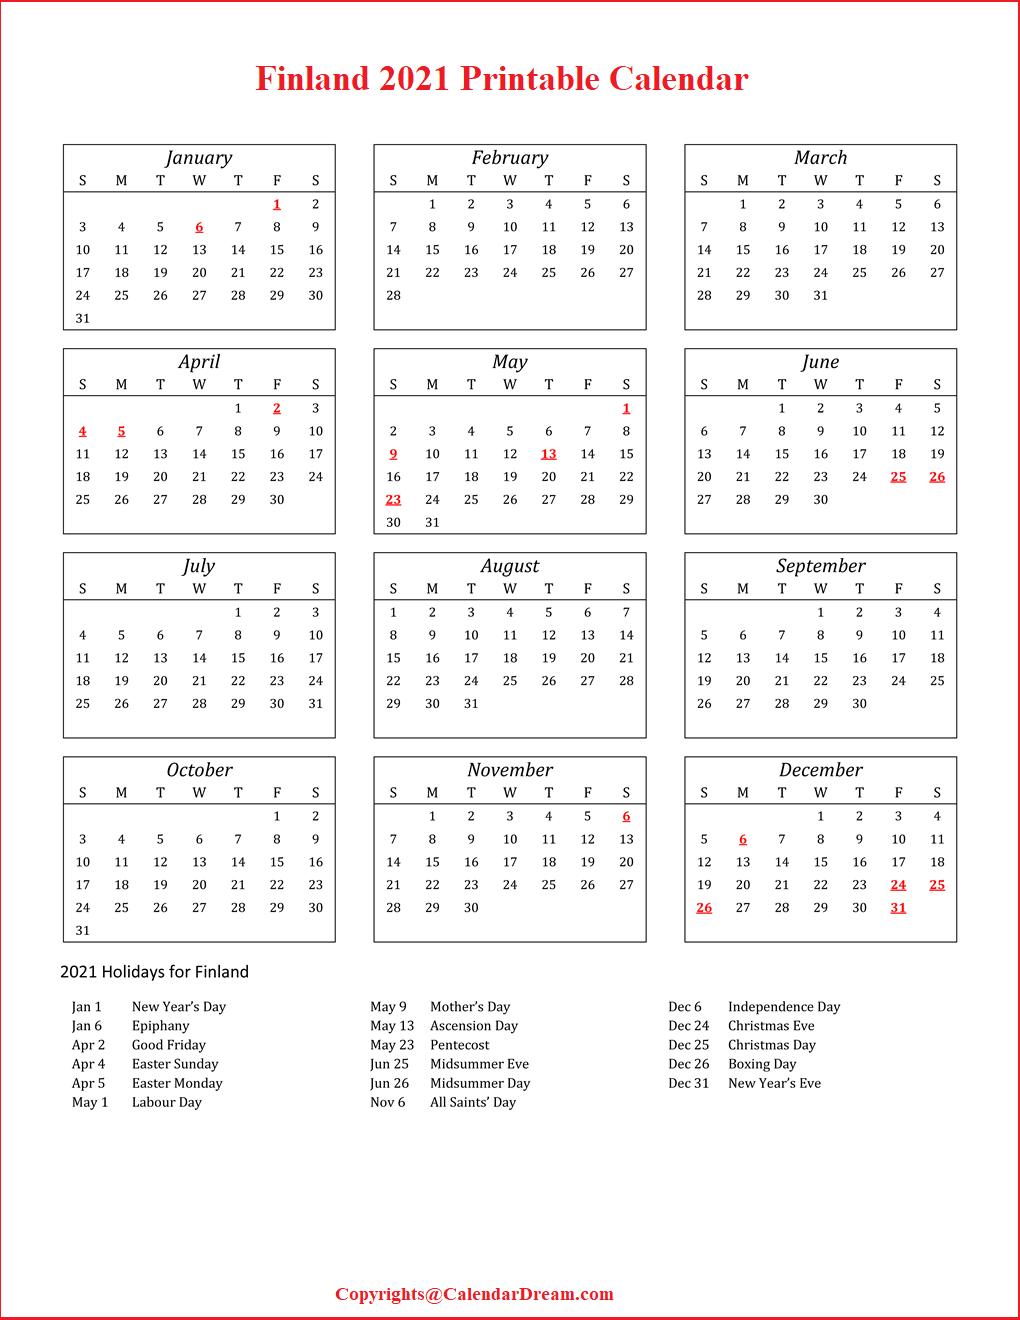 Finland 2021 Printable Calendar